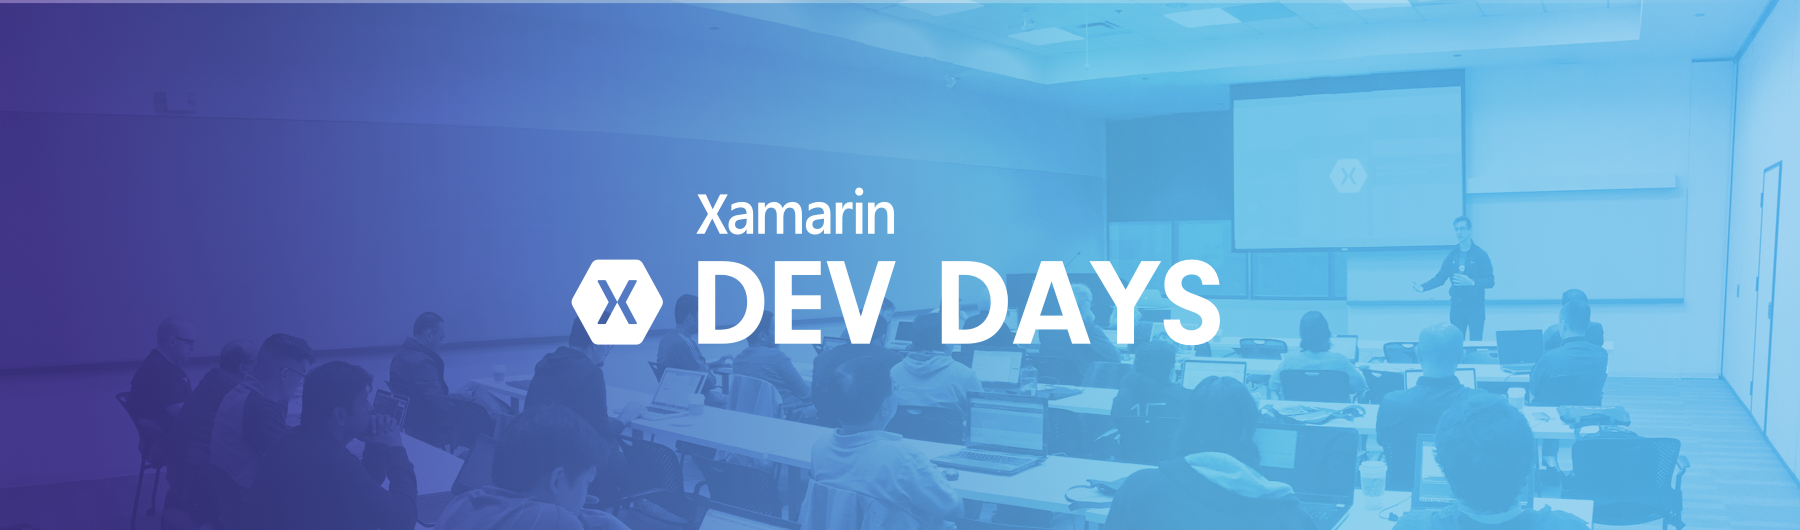 Xamarin Dev Days - Manama